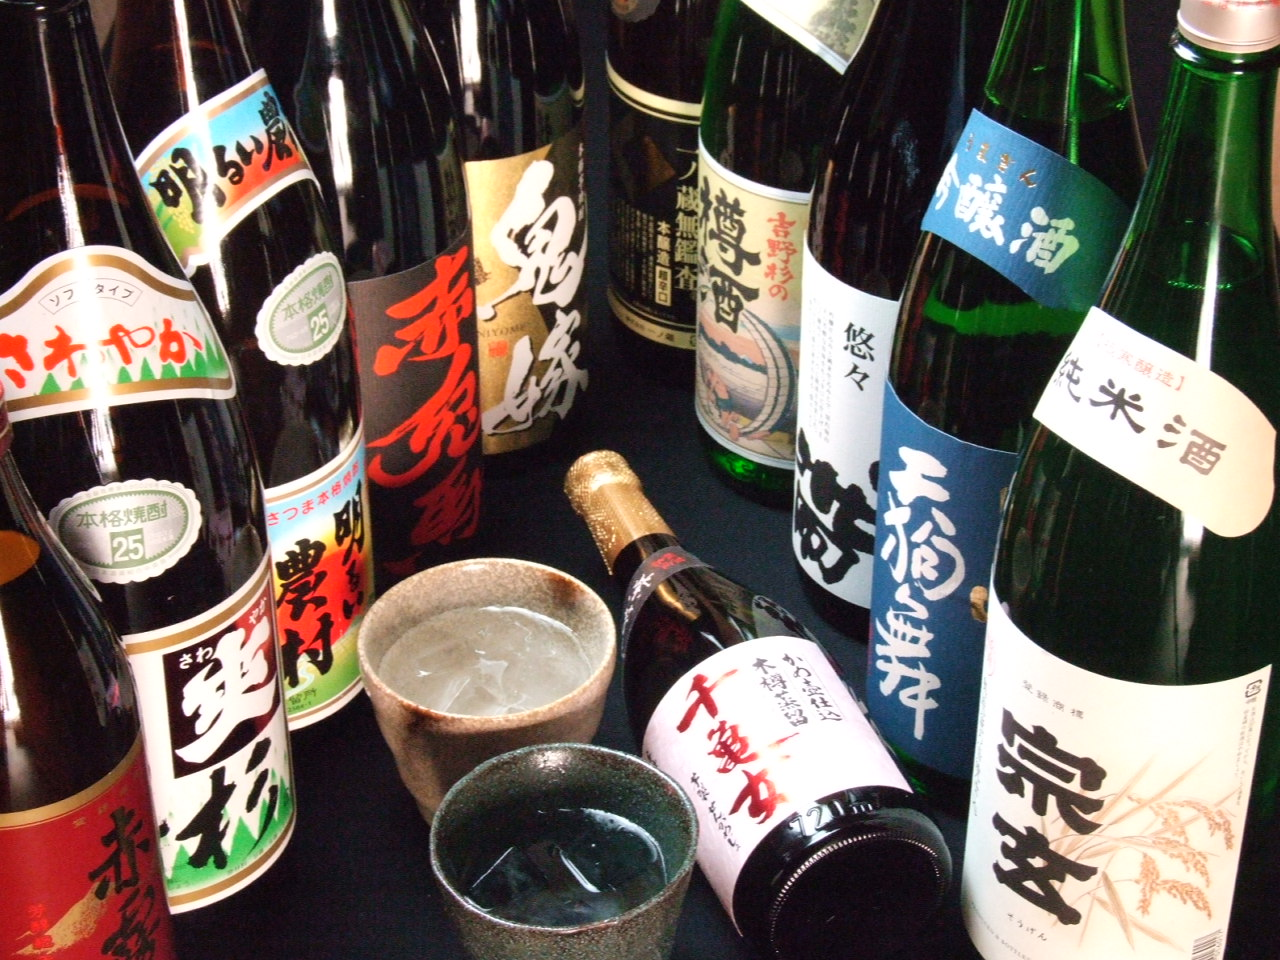 水道橋で全国各地の日本酒が味わえる居酒屋【能登美 本店】